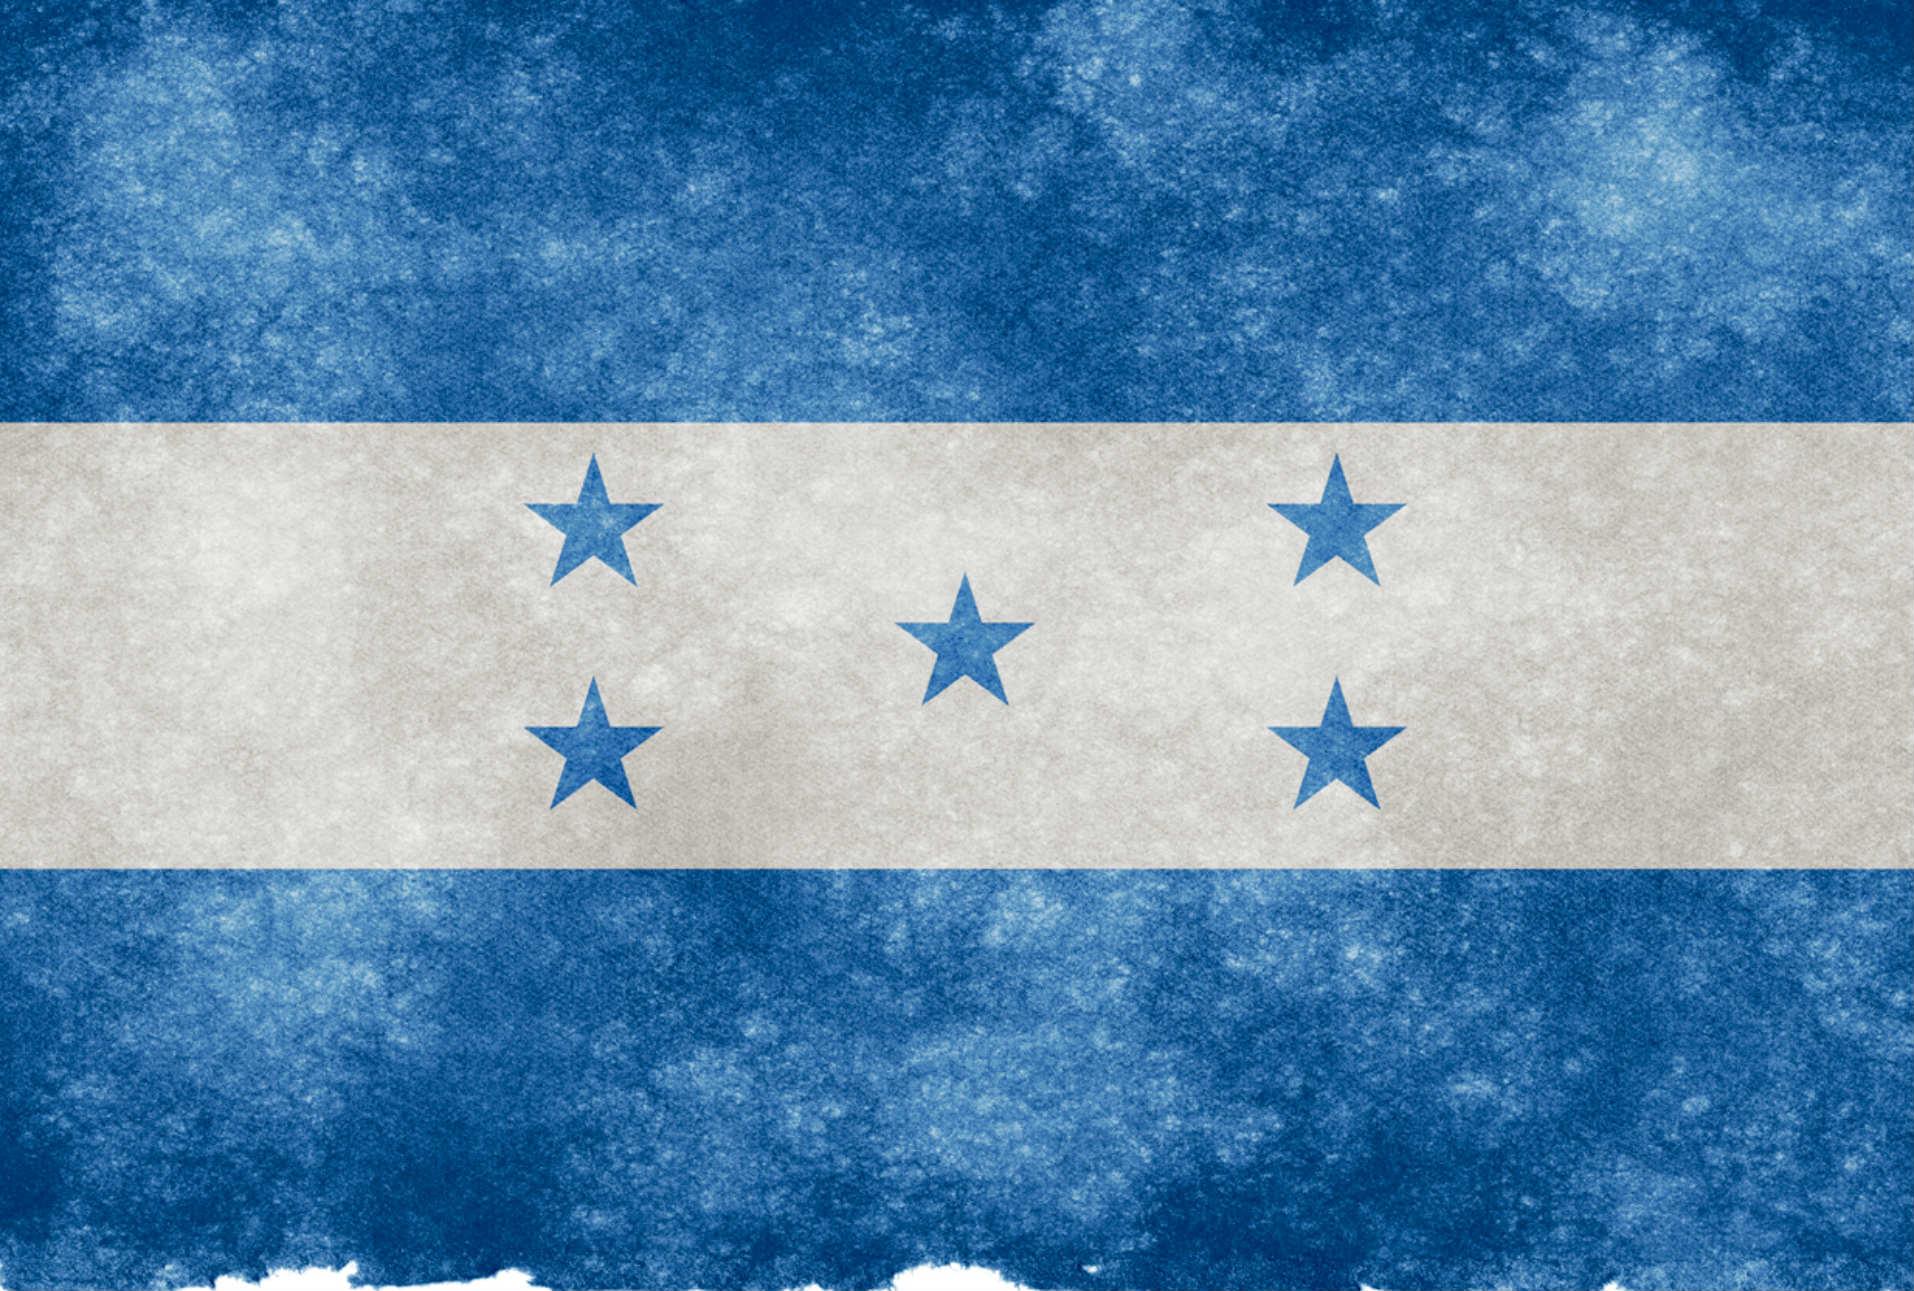 Organizaciones exigimos al gobierno de Honduras no aprobar ley que amenaza a la libertad de expresión